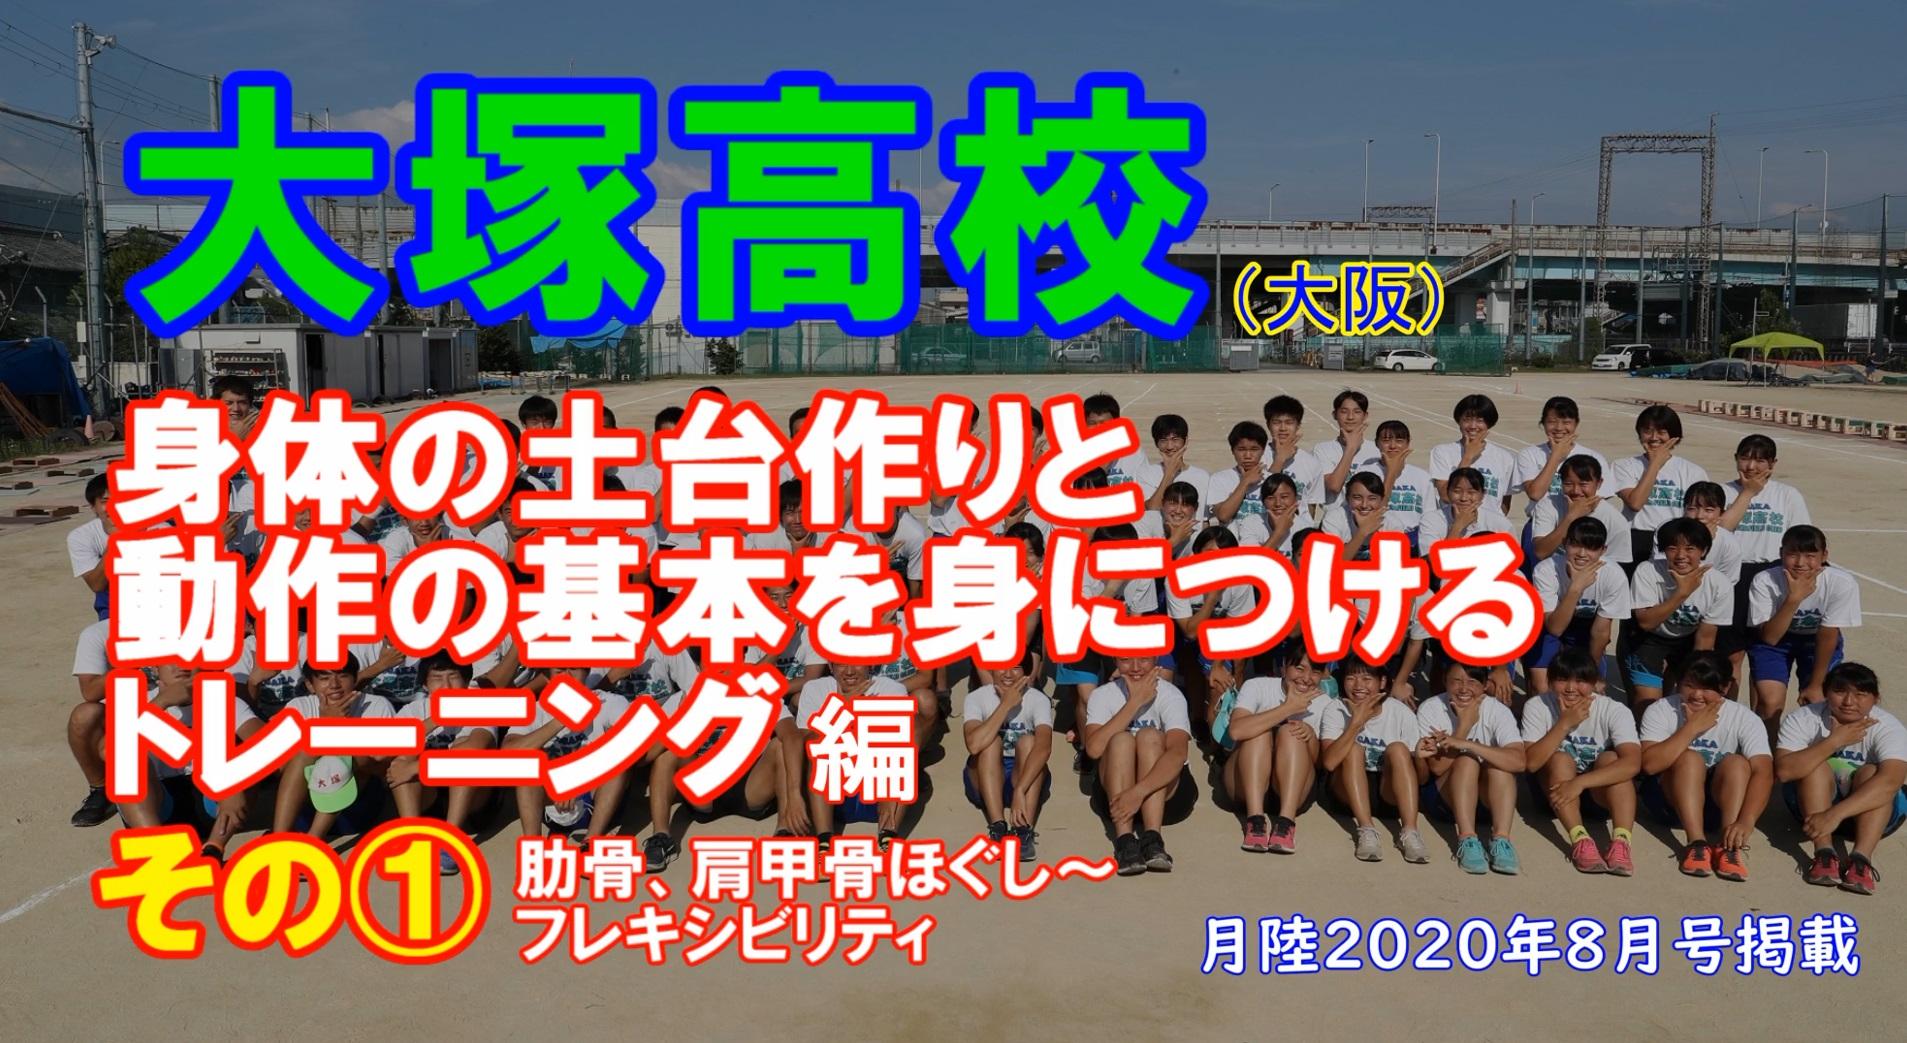 【部活応援】大塚高校の基礎トレーニング 2020年8月号掲載